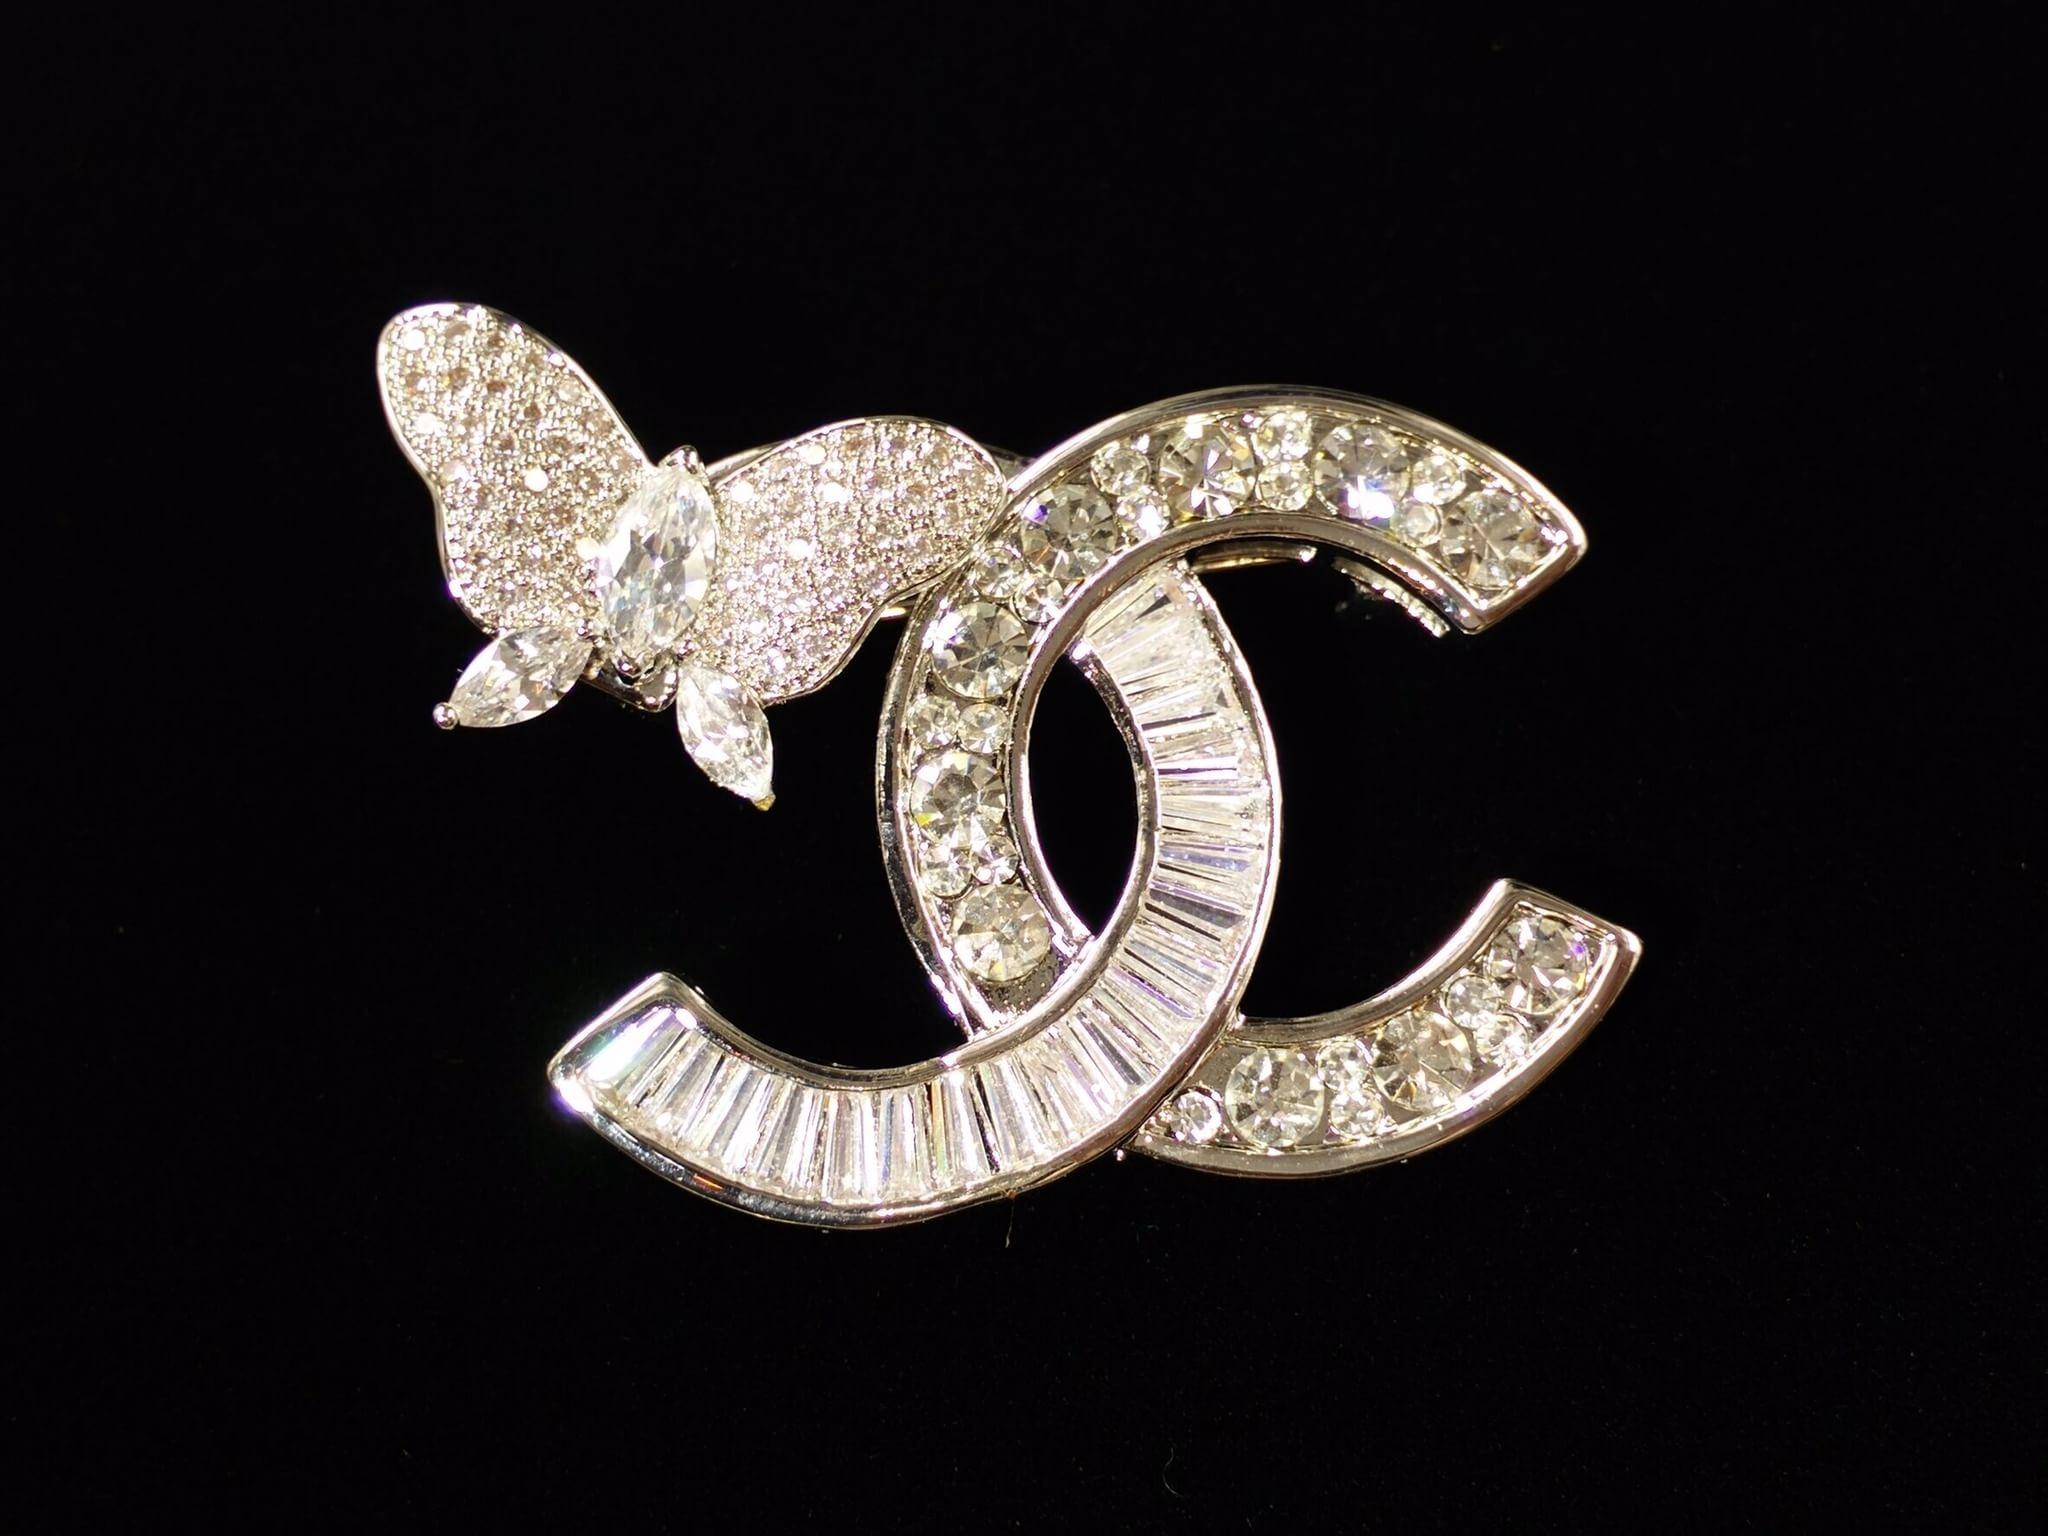 พร้อมส่ง Butterfly Brooch Chanel ผีเสื้อ งานเพชรCZแท้